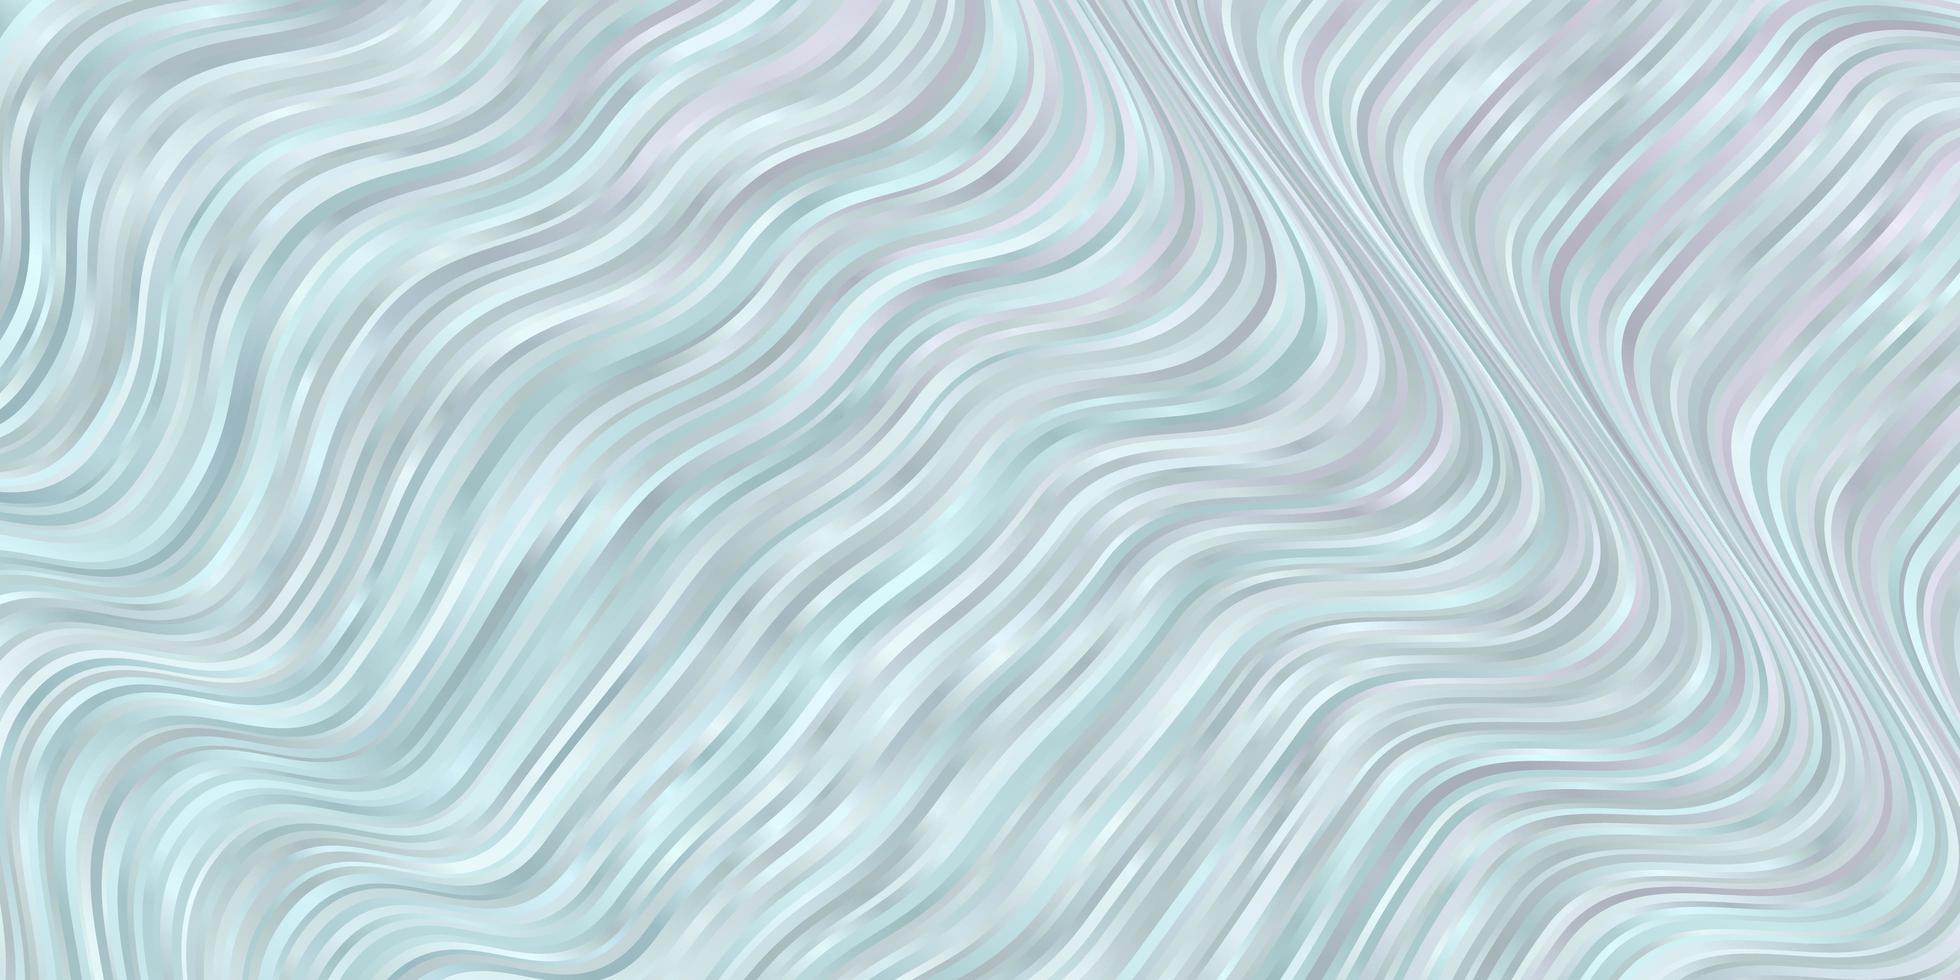 sfondo azzurro con linee piegate. vettore